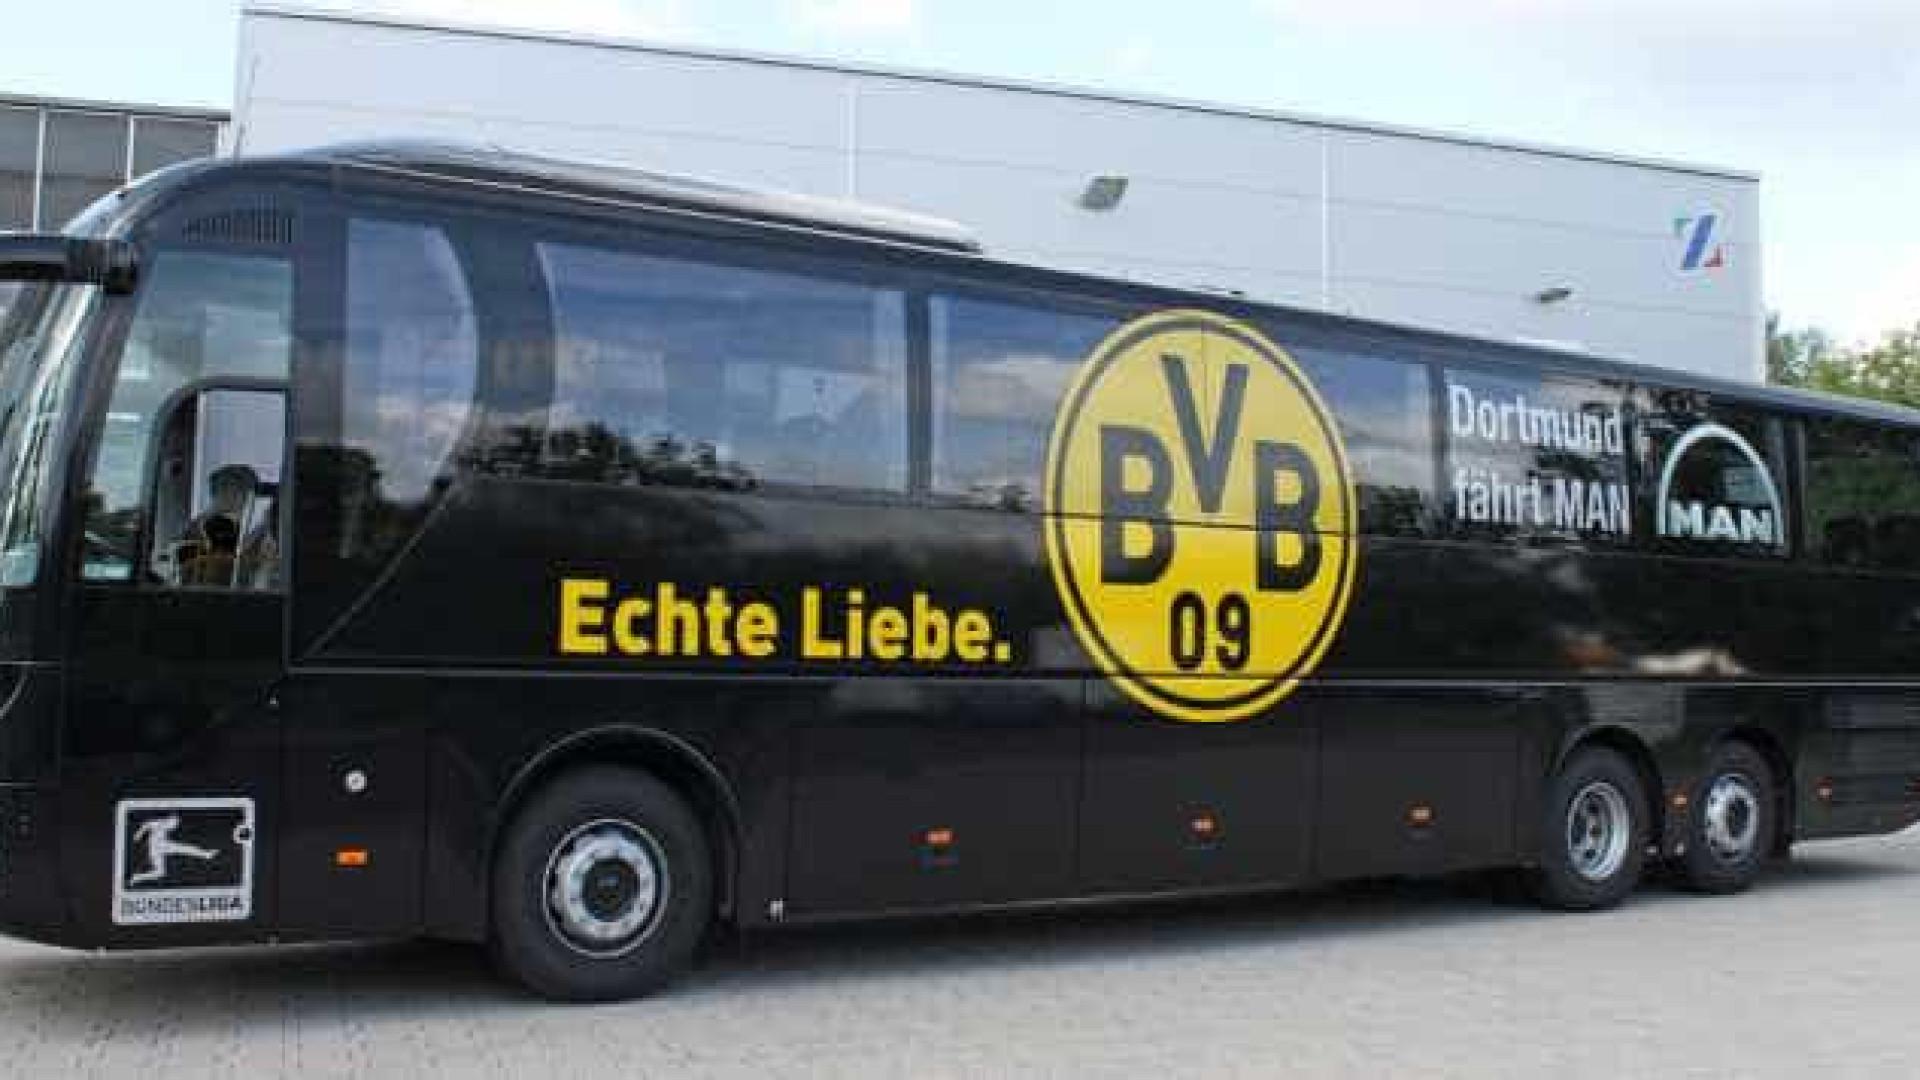 Borussia Dortmund reforça segurança com unidade especial